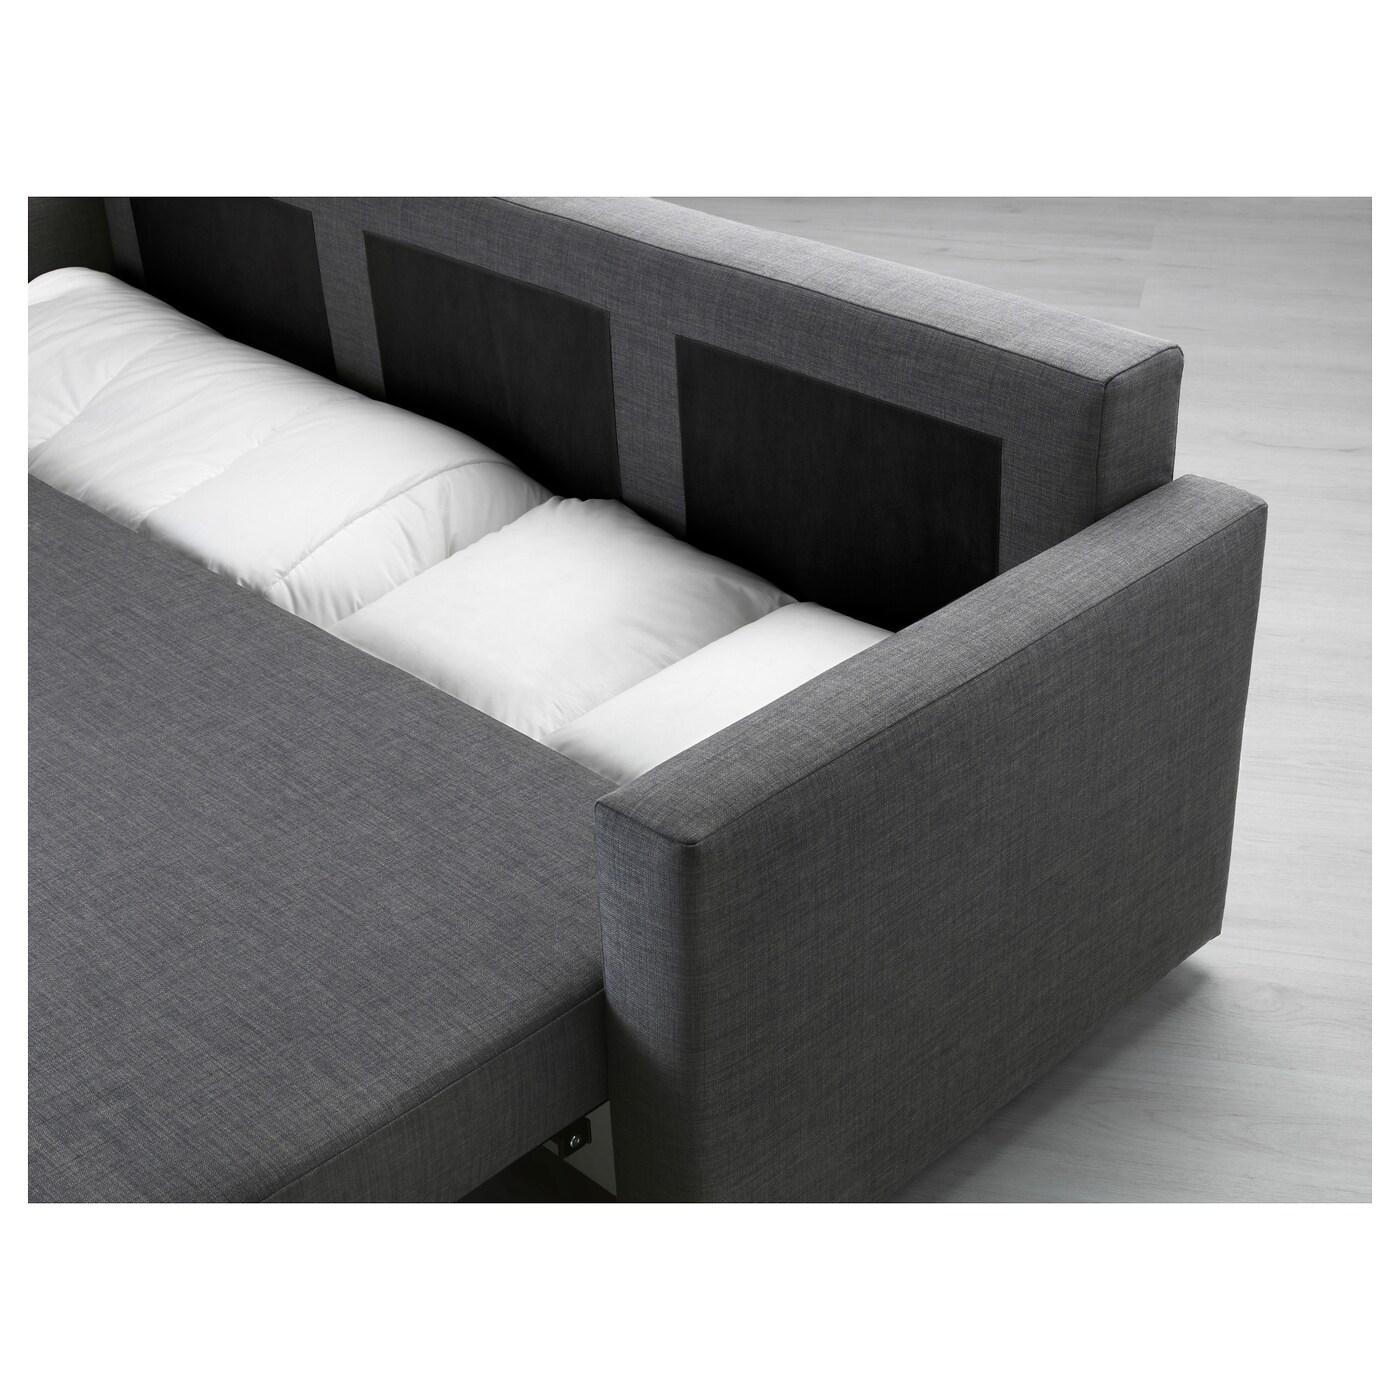 IKEA FRIHETEN Three Seat Sofa Bed Readily Converts Into A Bed.